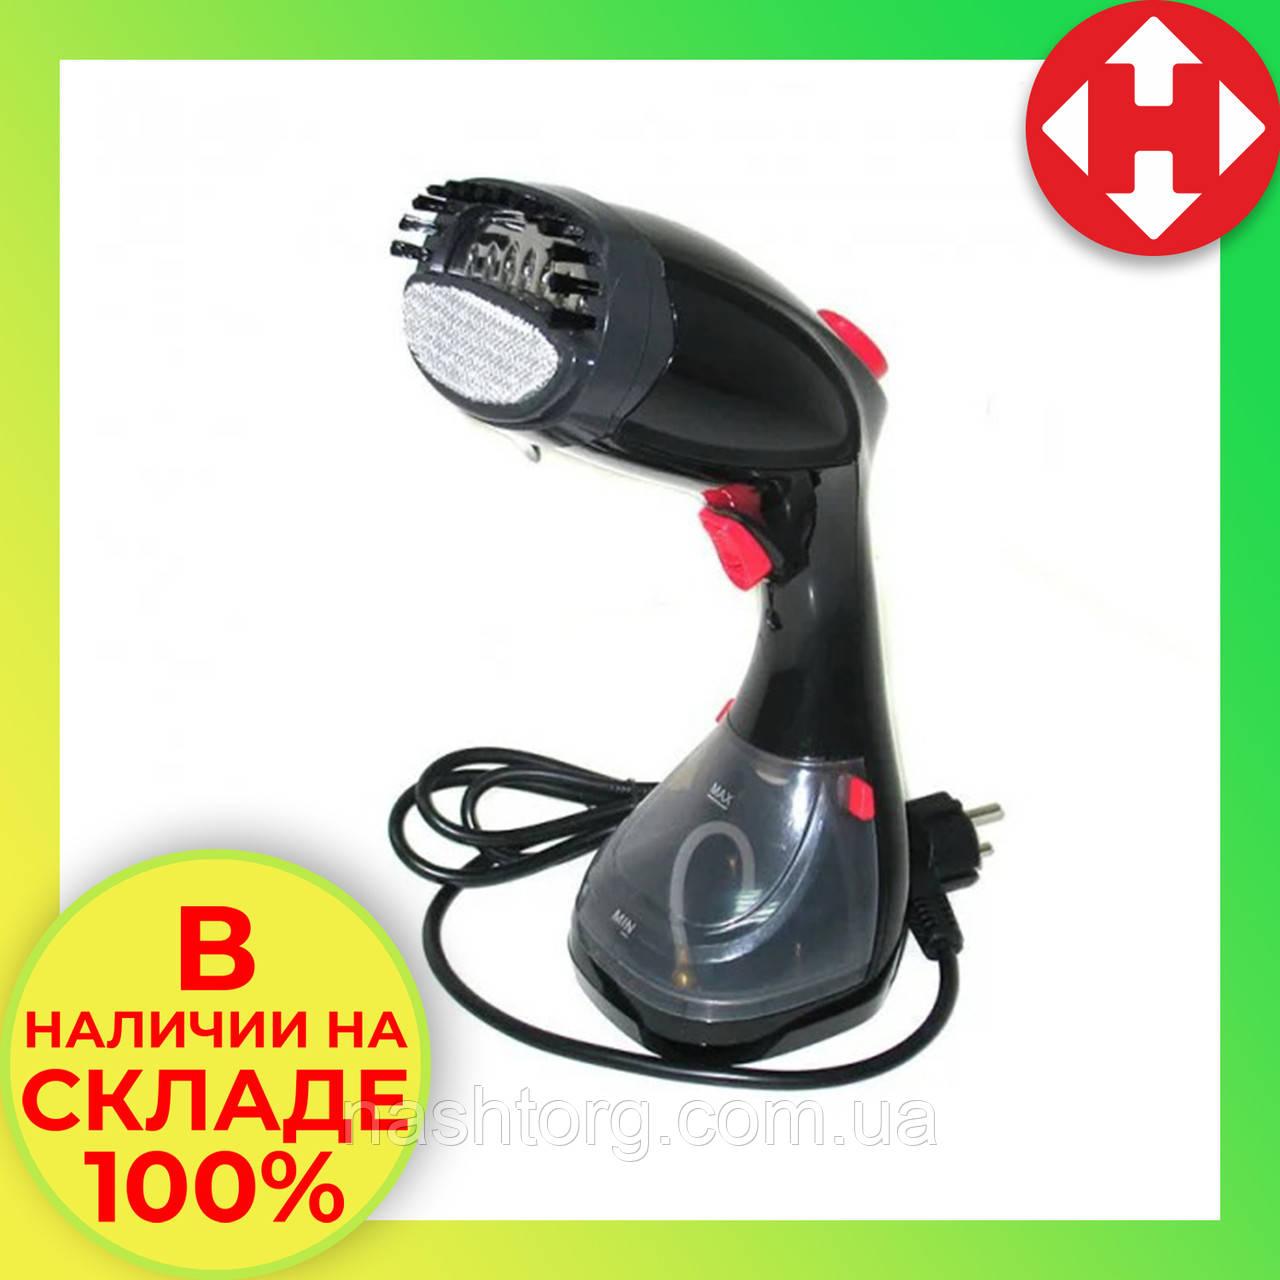 Отпариватель для одежды ручной, черный, Steam-up, DF-019, отпариватель для одежды, вертикальный отпариватель